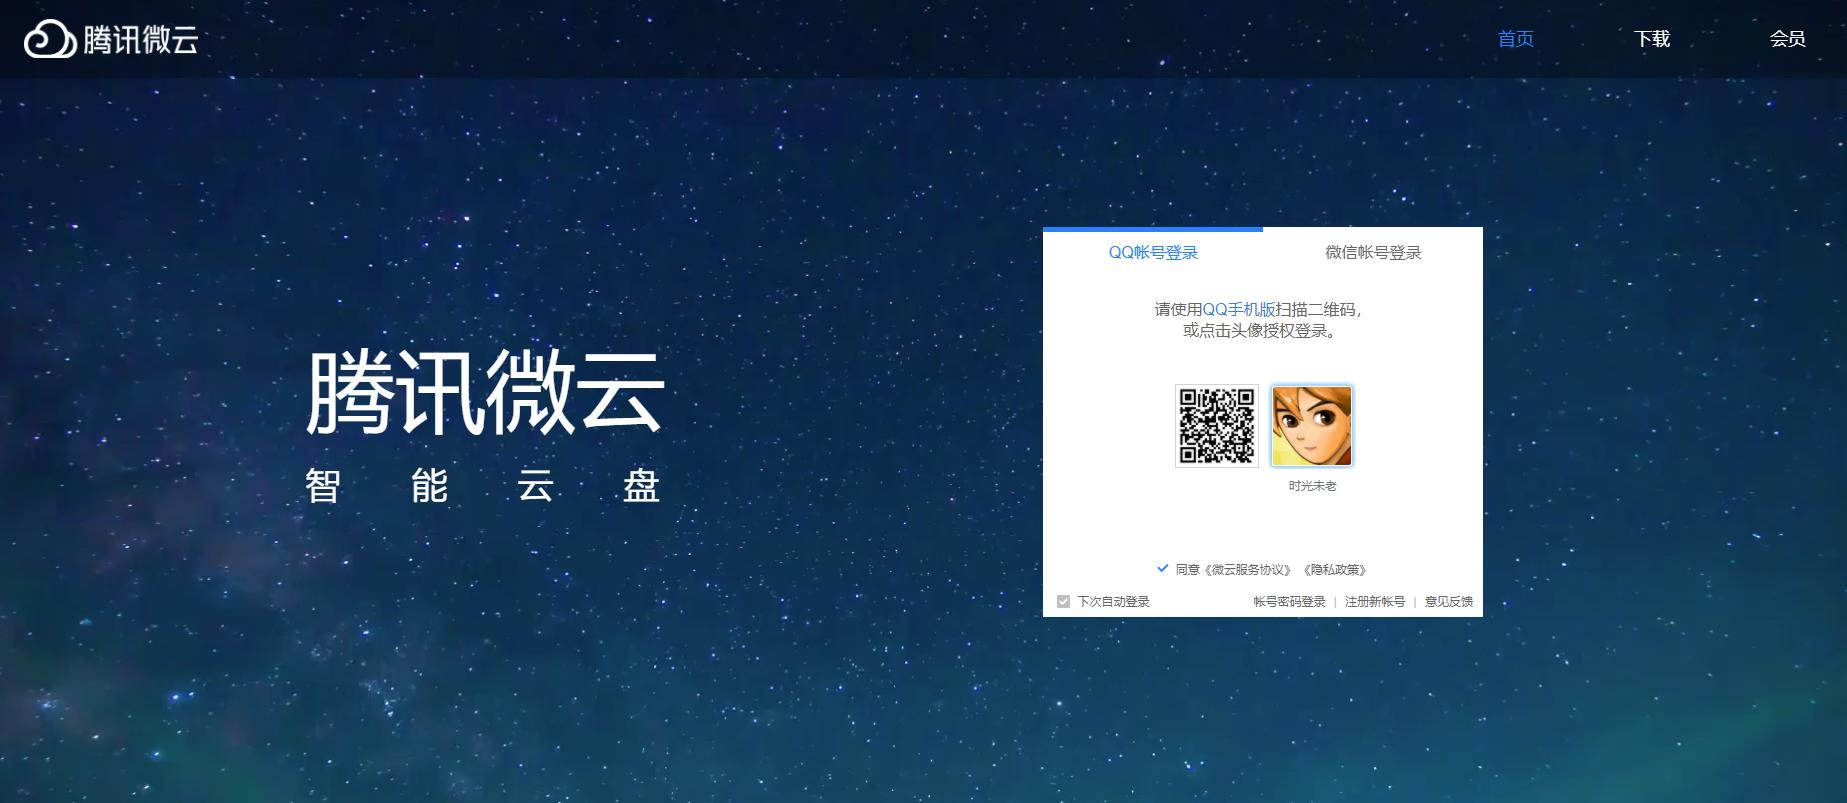 腾讯微云(weiyun)智能云服务,同步文件,推送照片,传输数据